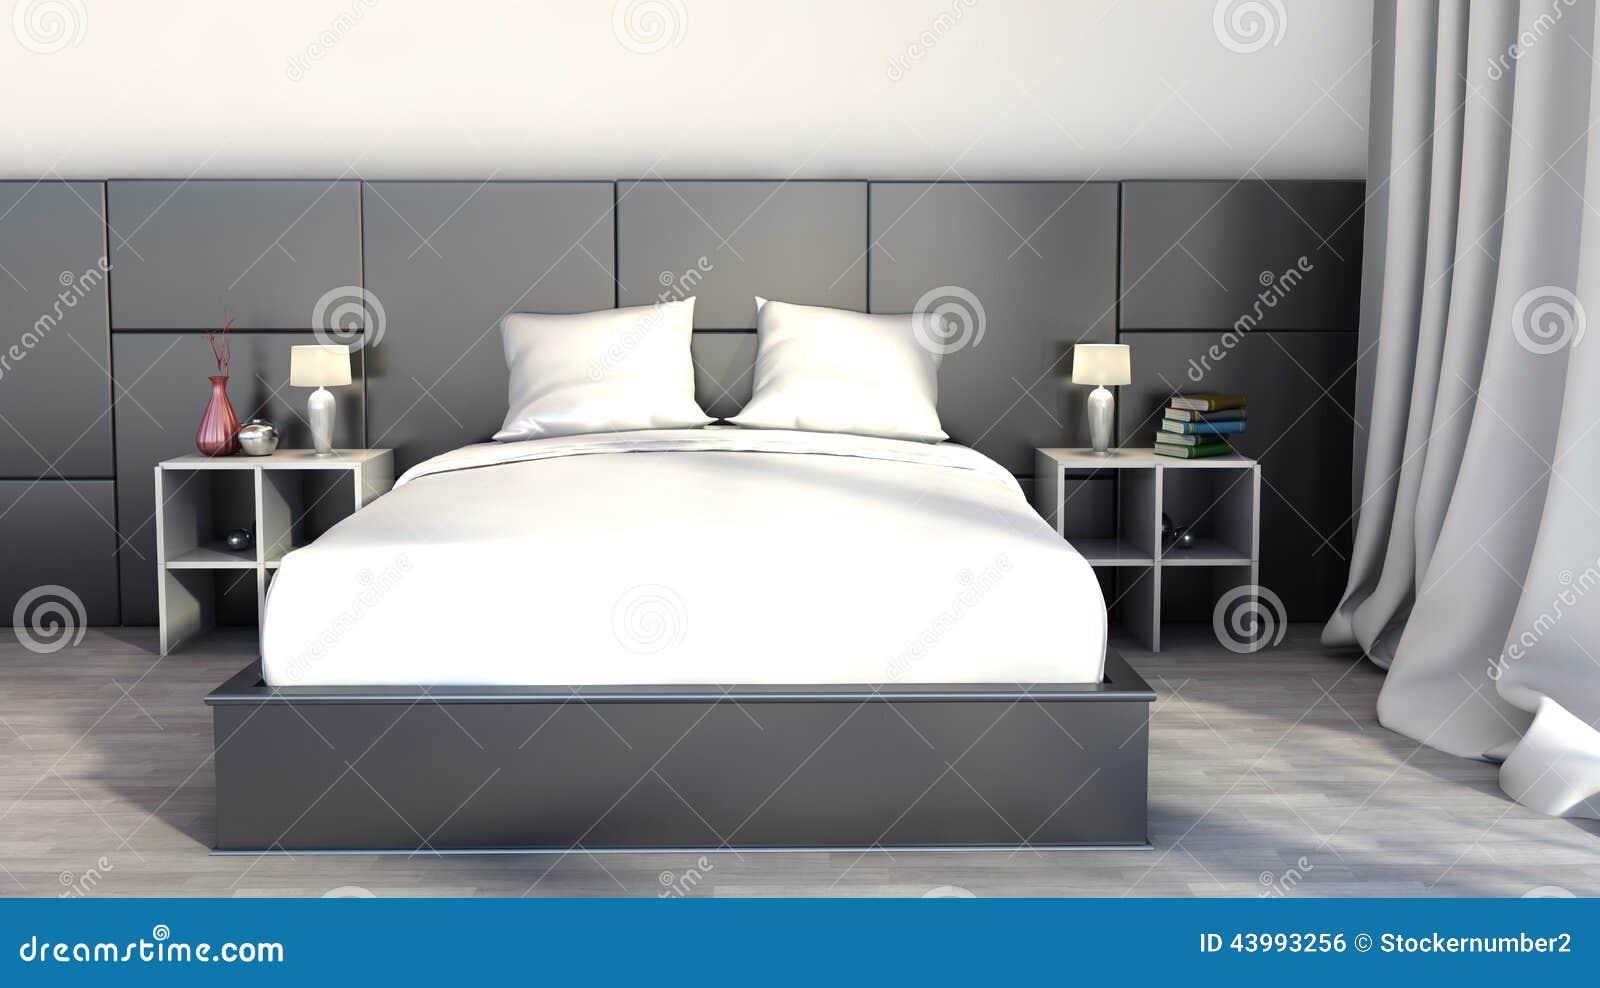 Camera da letto bianca e nera design del - Camera bianca e nera ...